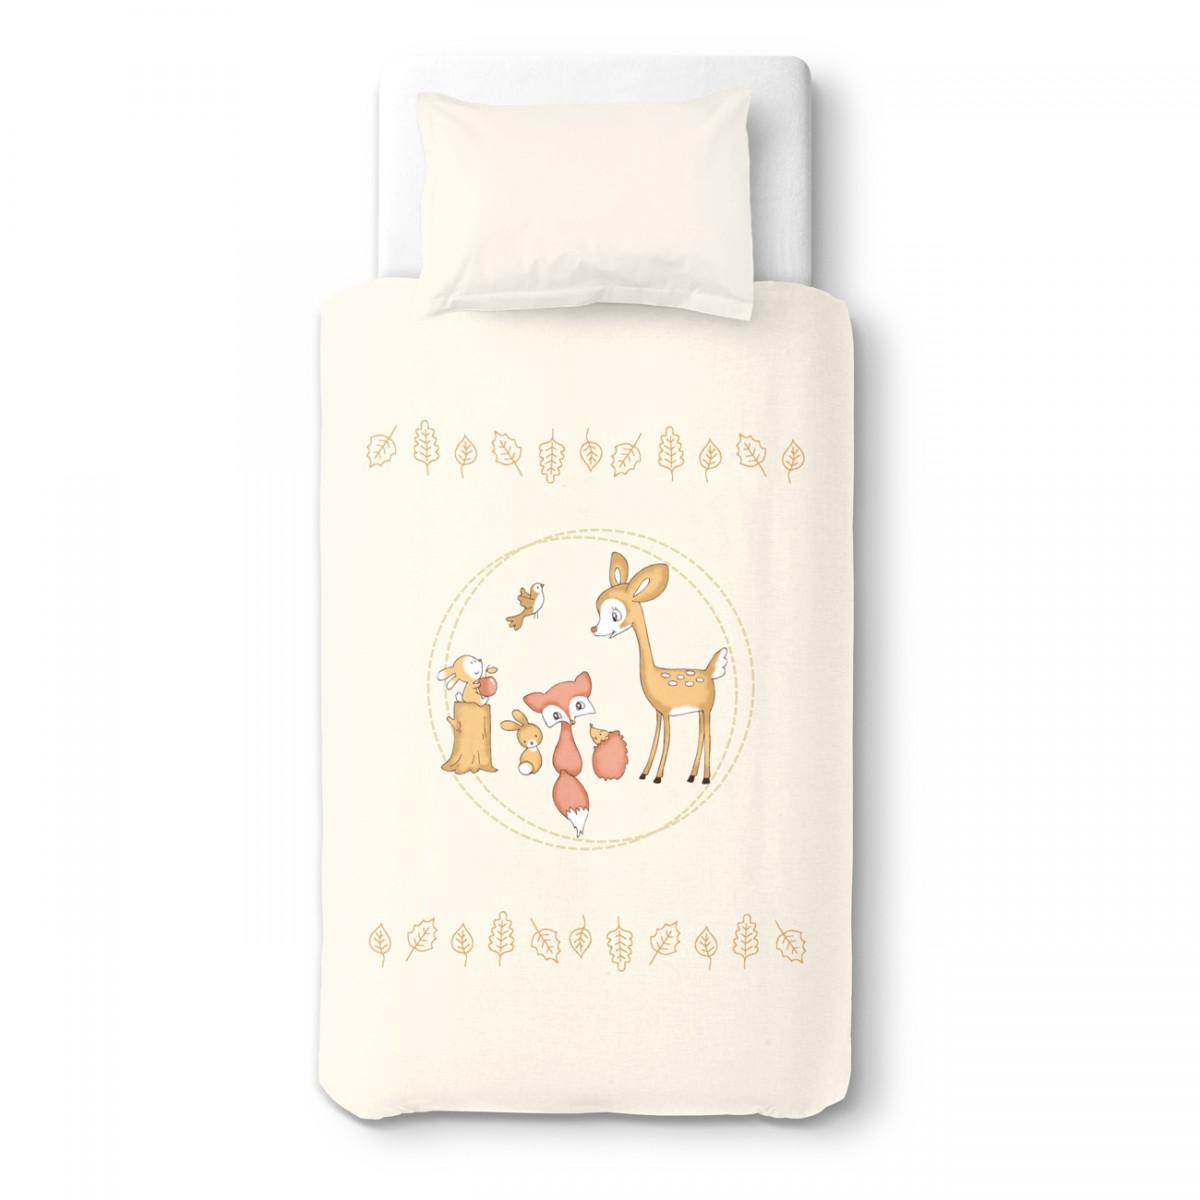 Le faon et ses amis la f te 100 coton parure de lit for Housse de couette lit bebe